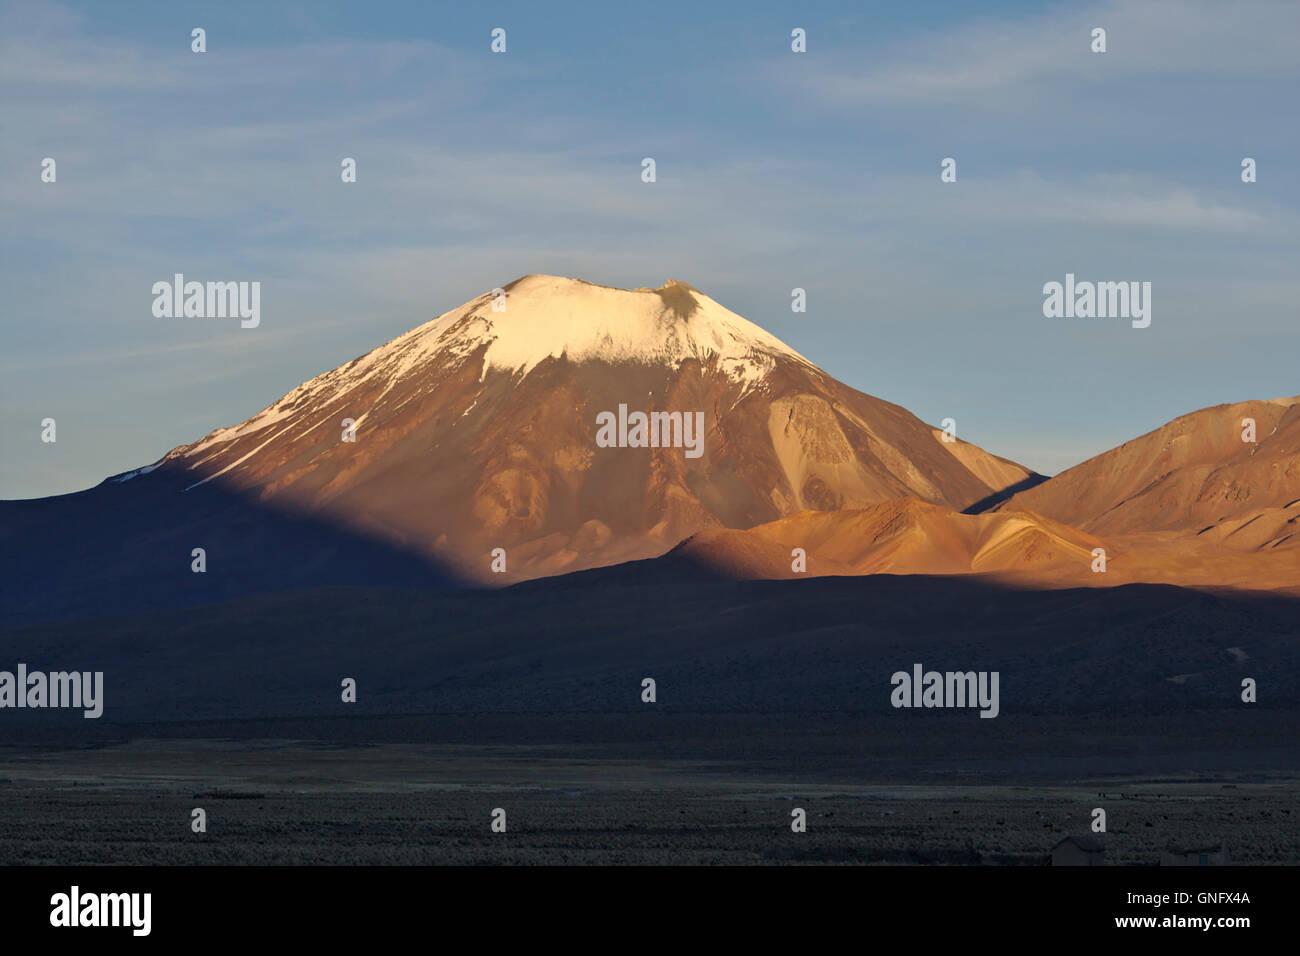 parinacota stratovolcano in morning light, Sajama National Park, Bolivia - Stock Image